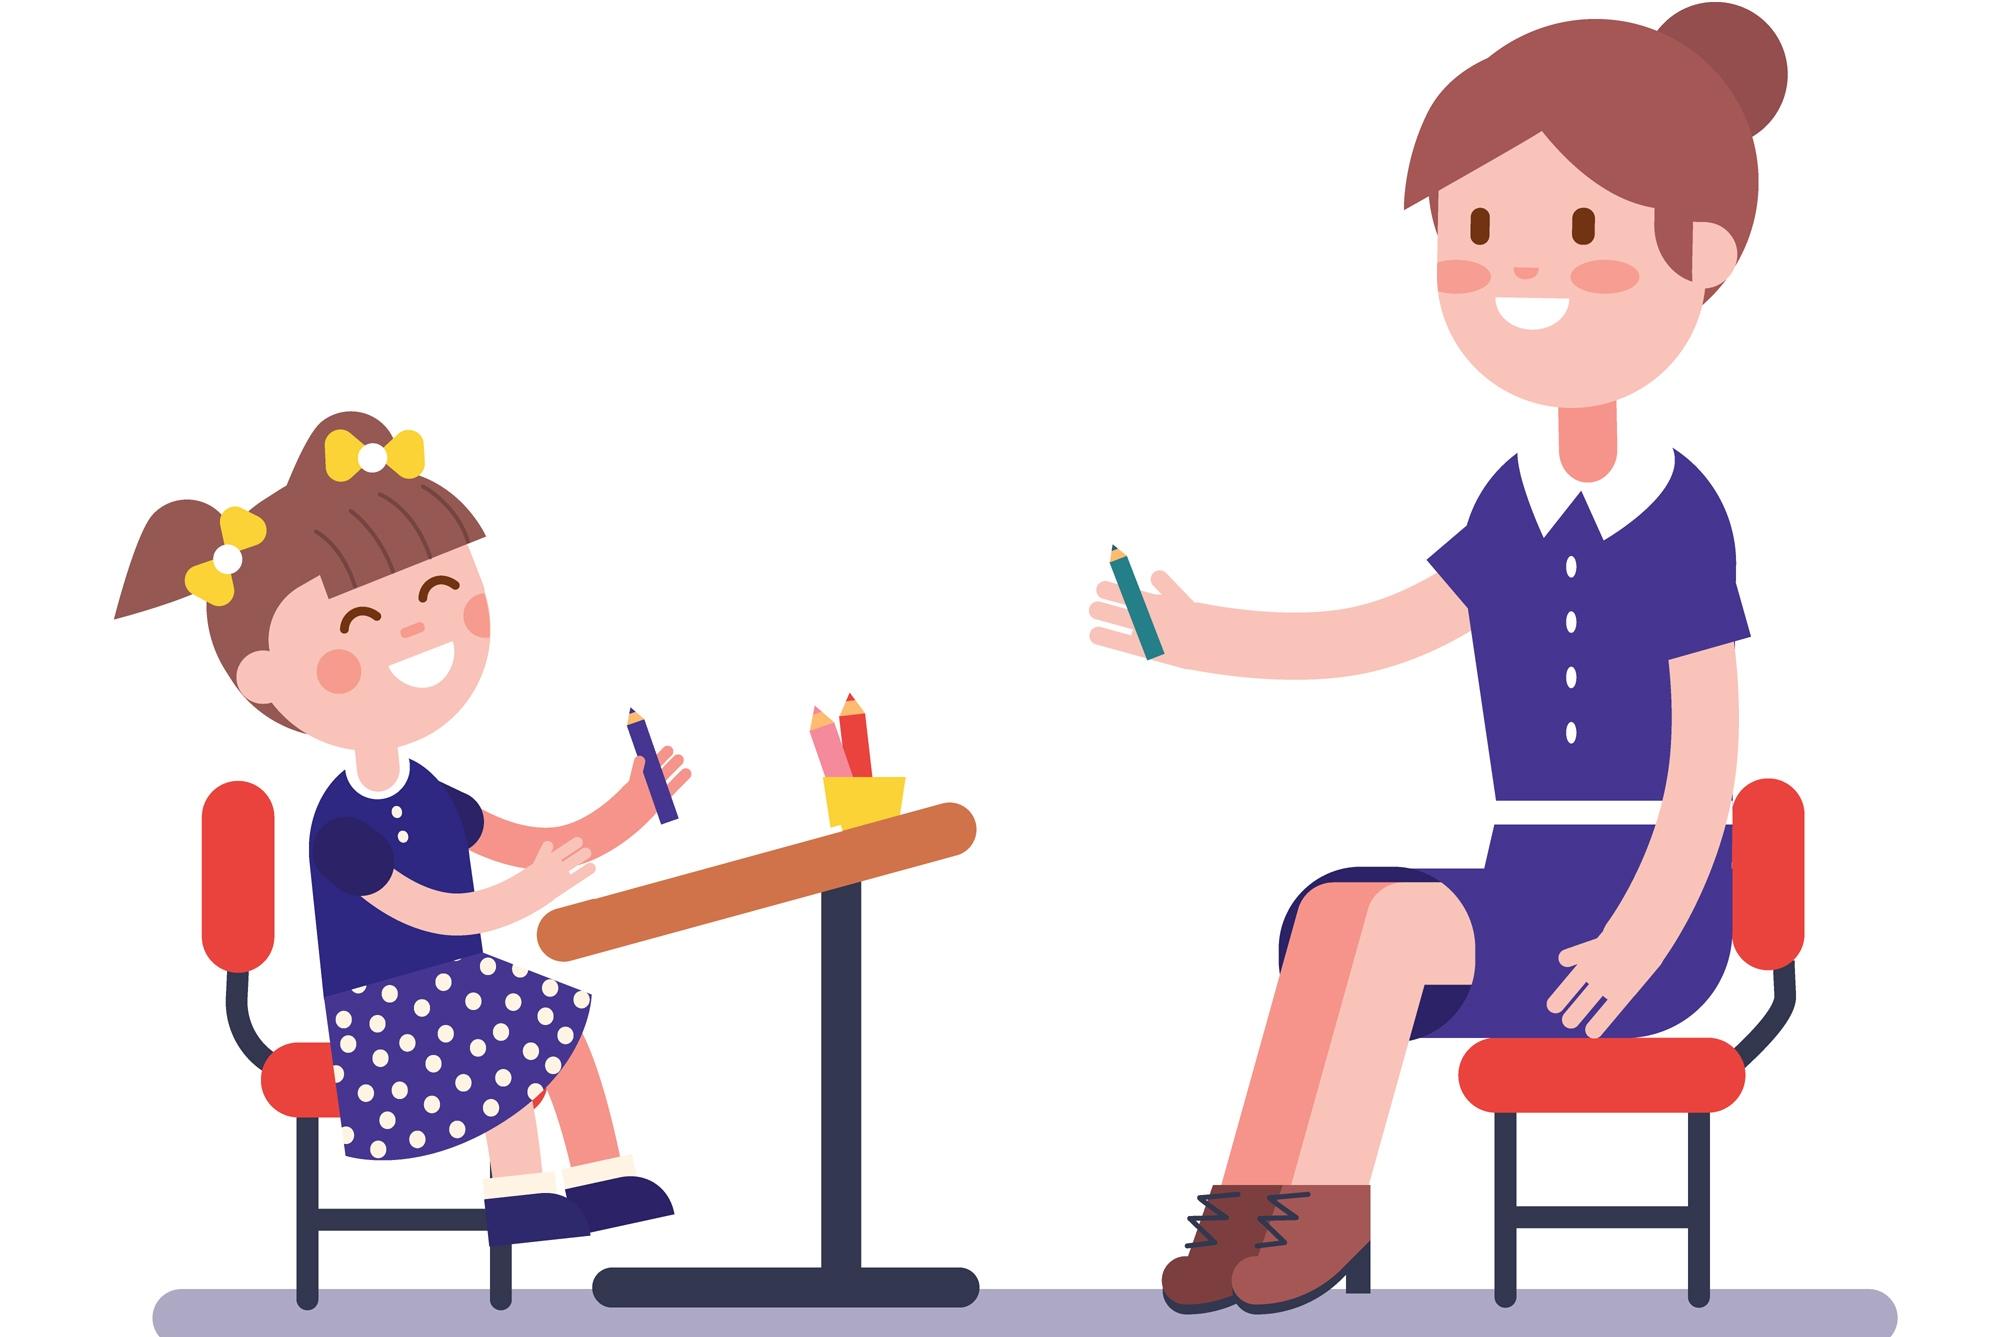 Dạy tiếng Anh cho trẻ mẫu giáo hiệu quả bằng kỹ thuật bắt chước